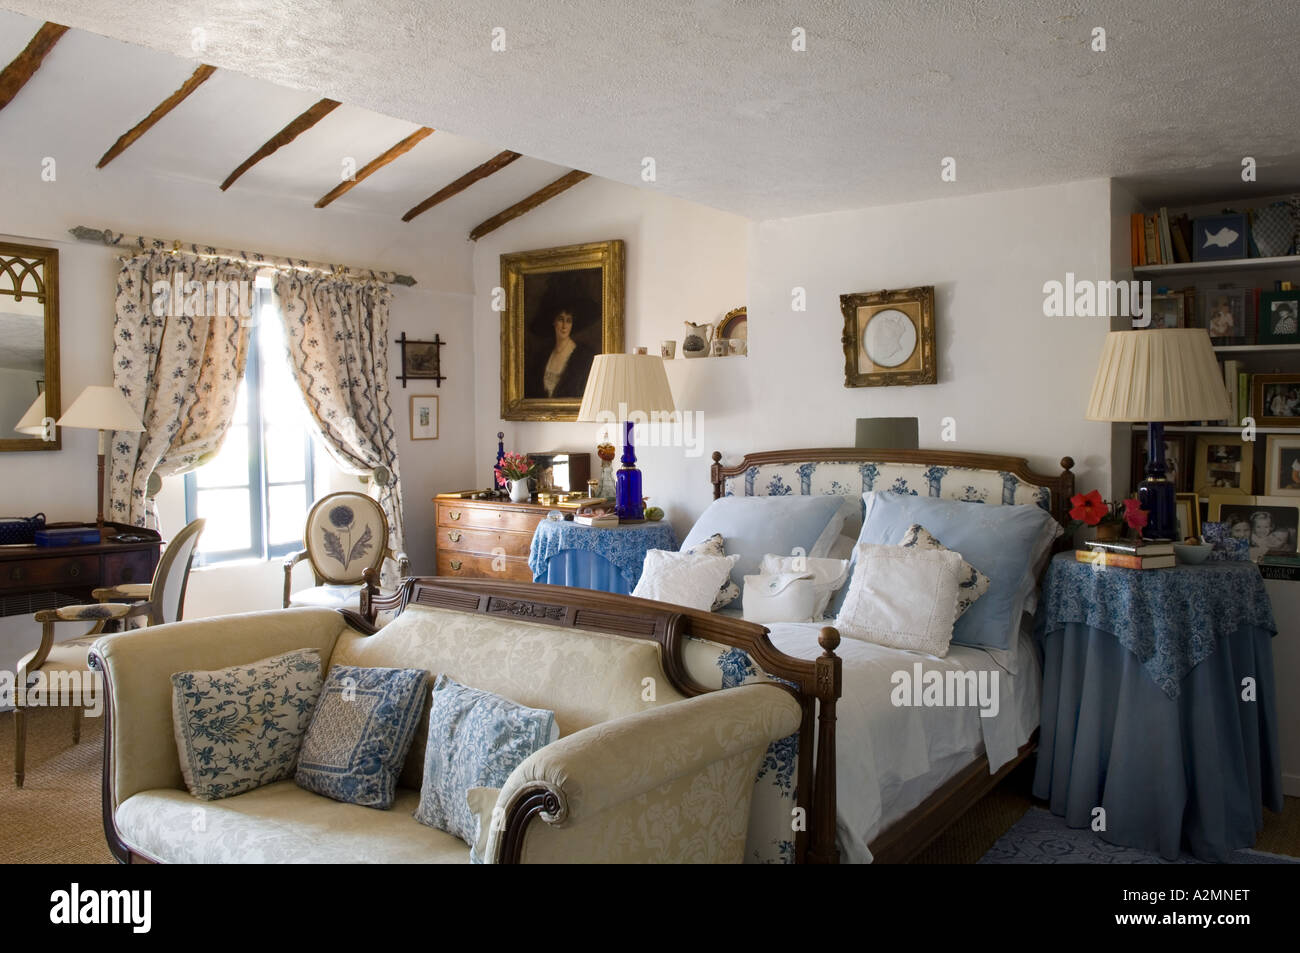 Camera Da Letto Con Divano : Tradizionale paese francese di camera da letto con divano in casa